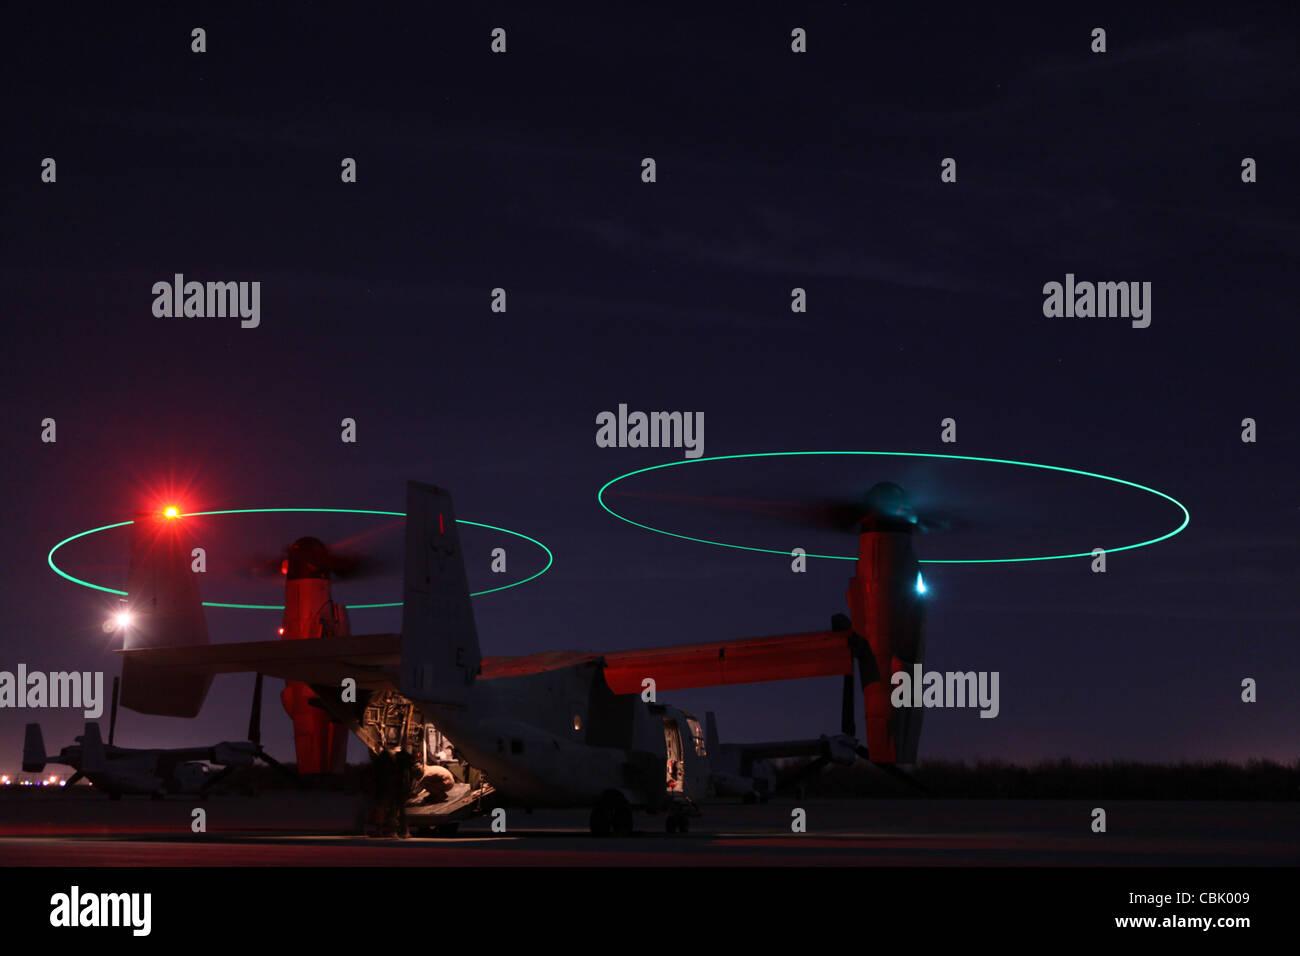 Les armes et les tactiques de l'Aviation maritime Un escadron MV-22 Osprey dans l'exposition de nuit Banque D'Images